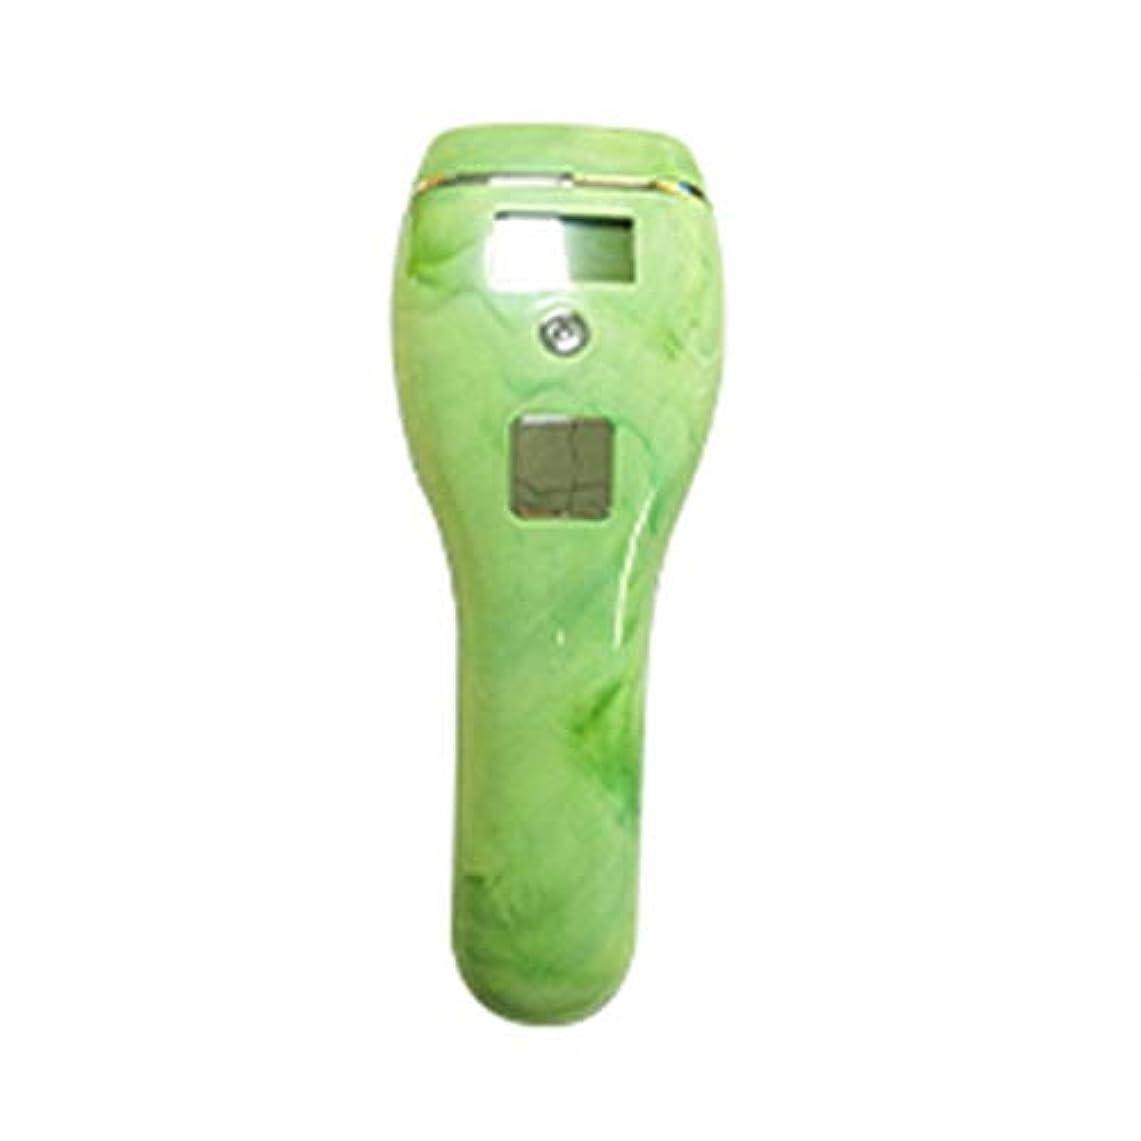 よろしくバタフライケーブルNuanxin 自動肌のカラーセンシング、グリーン、5速調整、クォーツチューブ、携帯用痛みのない全身凍結乾燥用除湿器、サイズ19x7x5cm F30 (Color : Green)